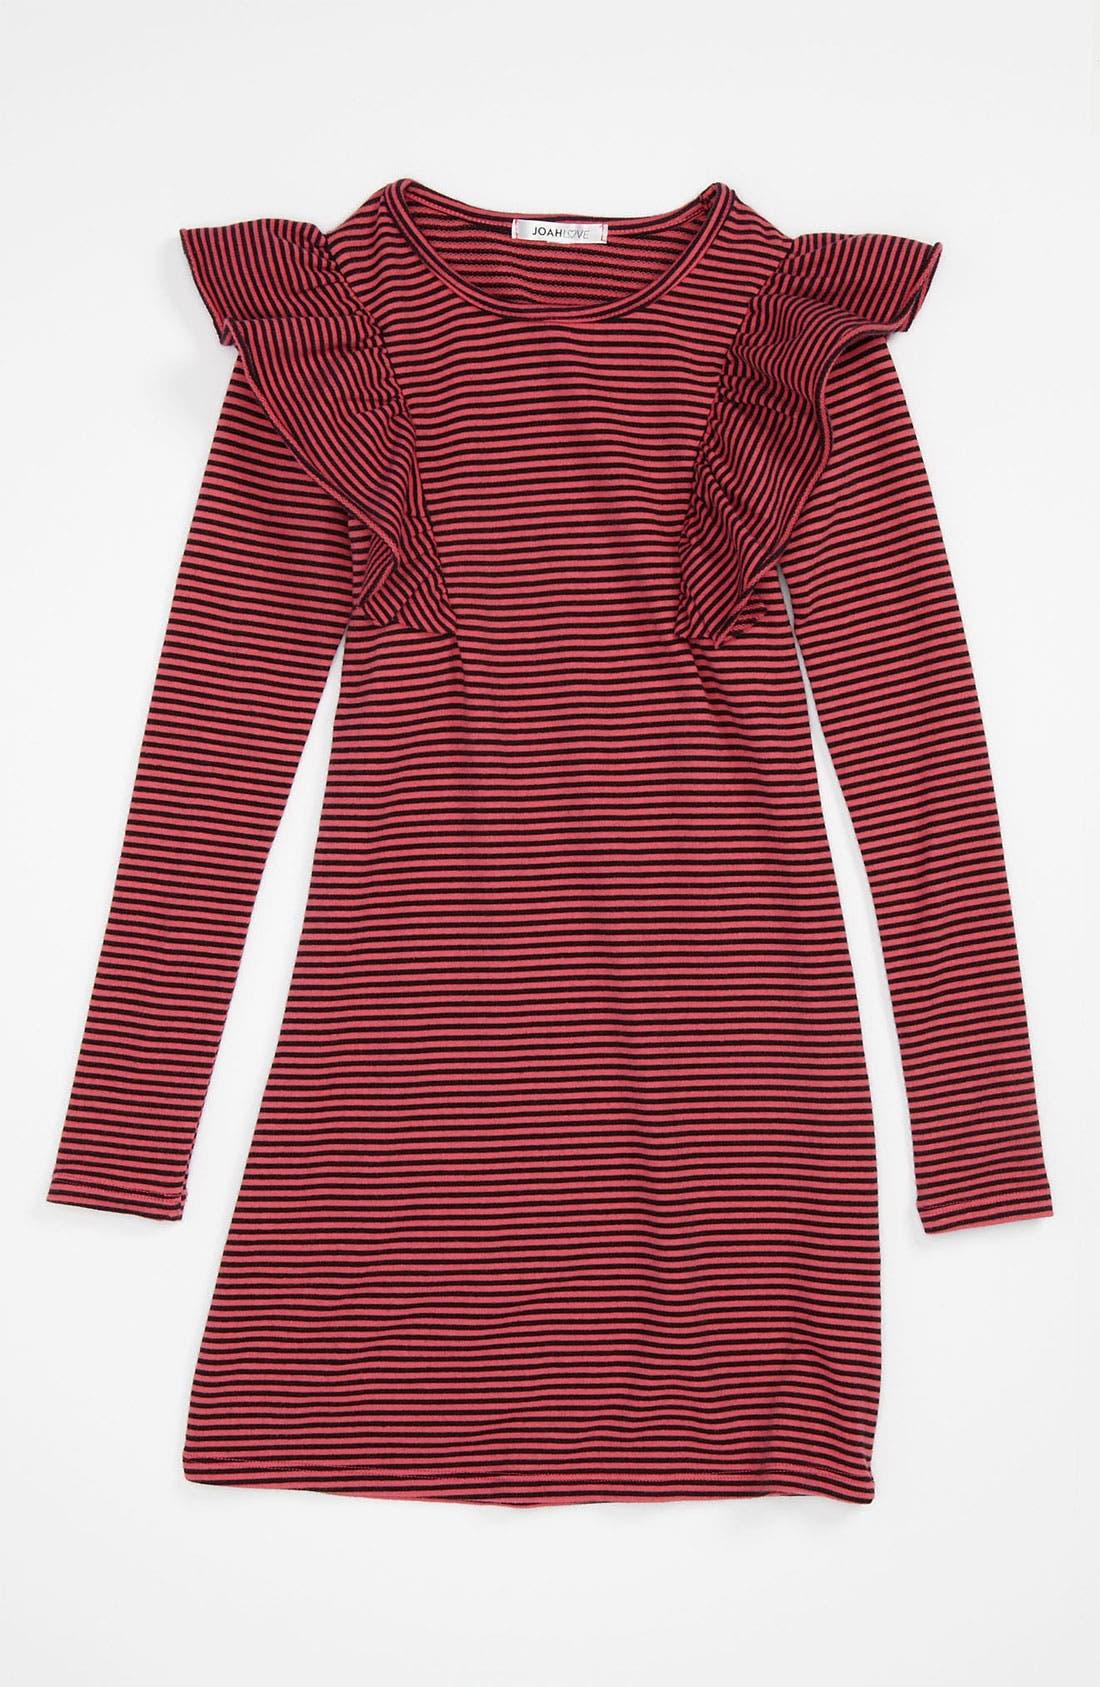 Alternate Image 1 Selected - Joah Love Stripe Mod Dress (Little Girls & Big Girls)